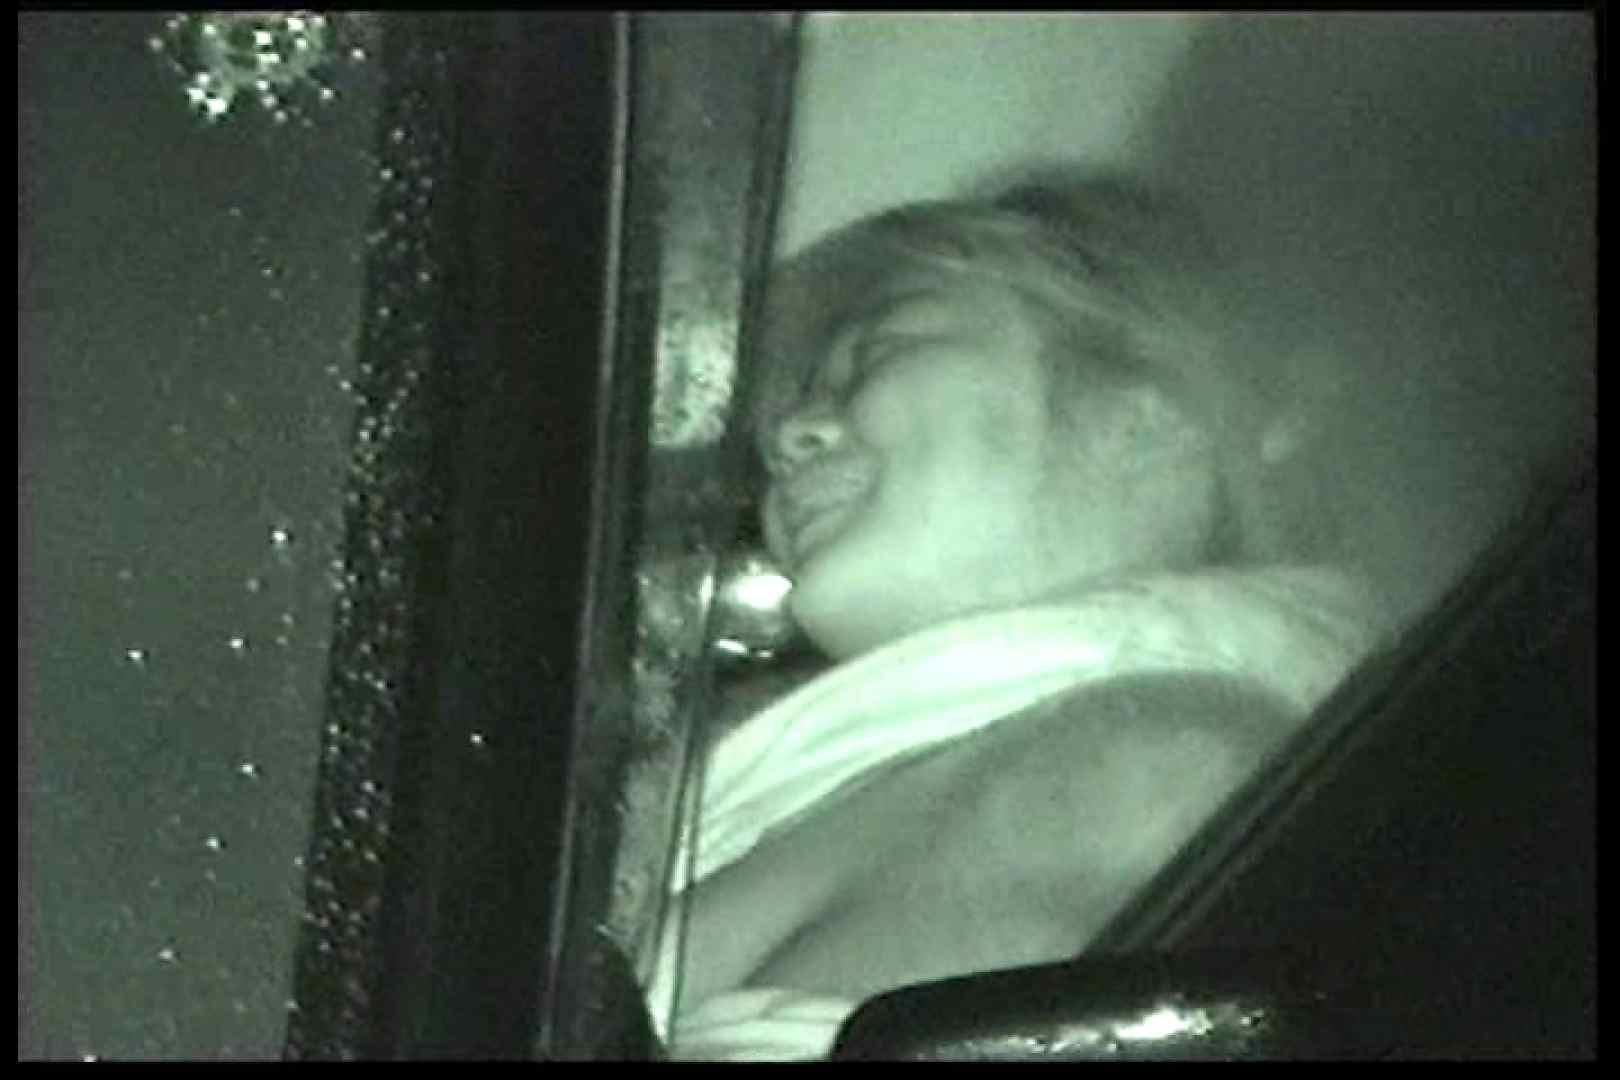 車の中はラブホテル 無修正版  Vol.14 マンコ無修正 覗き性交動画流出 100画像 93